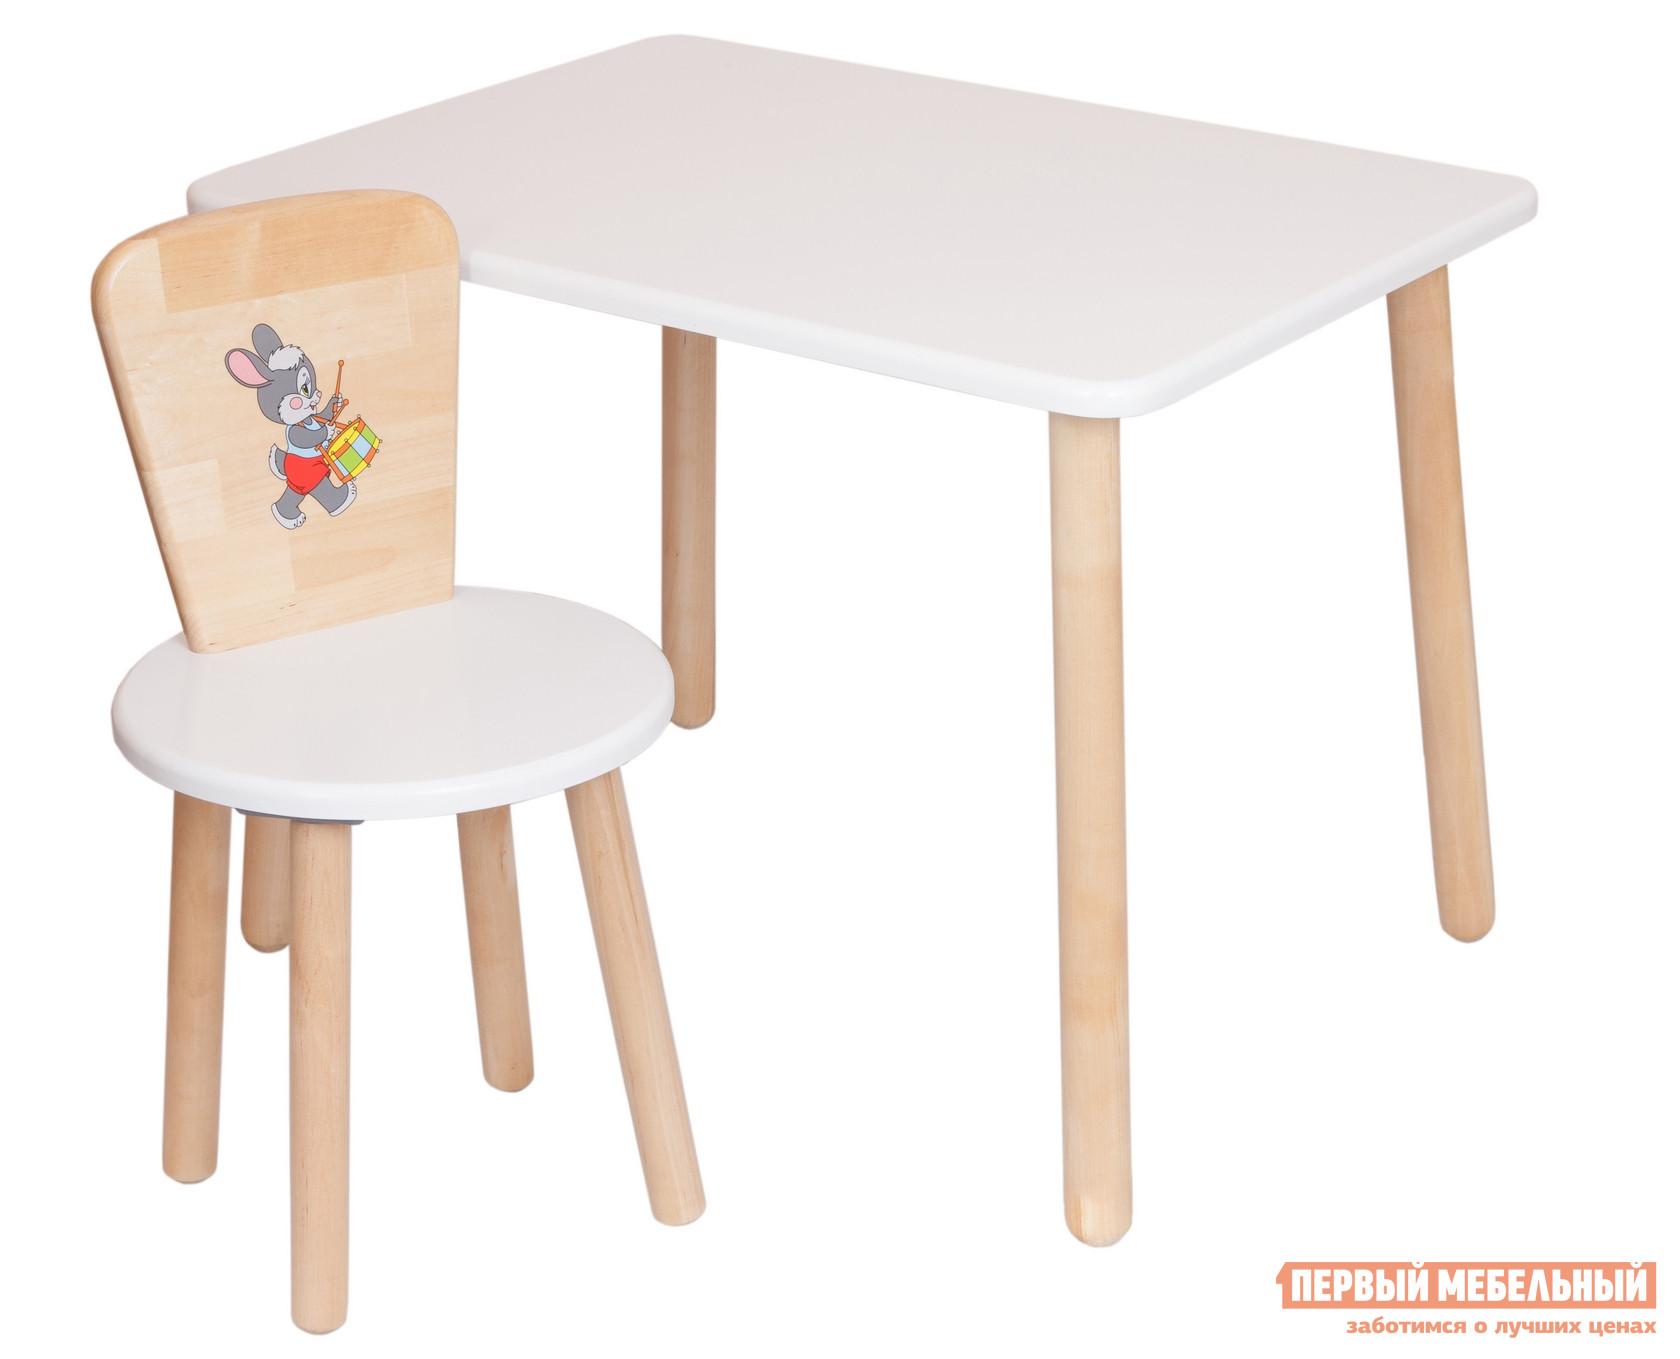 Столик и стульчик РусЭкоМебель Набор №1: Стол Большой 70*50 ЭКО+Стул Круглый ЭКО Эко белый, рис. Зайчик